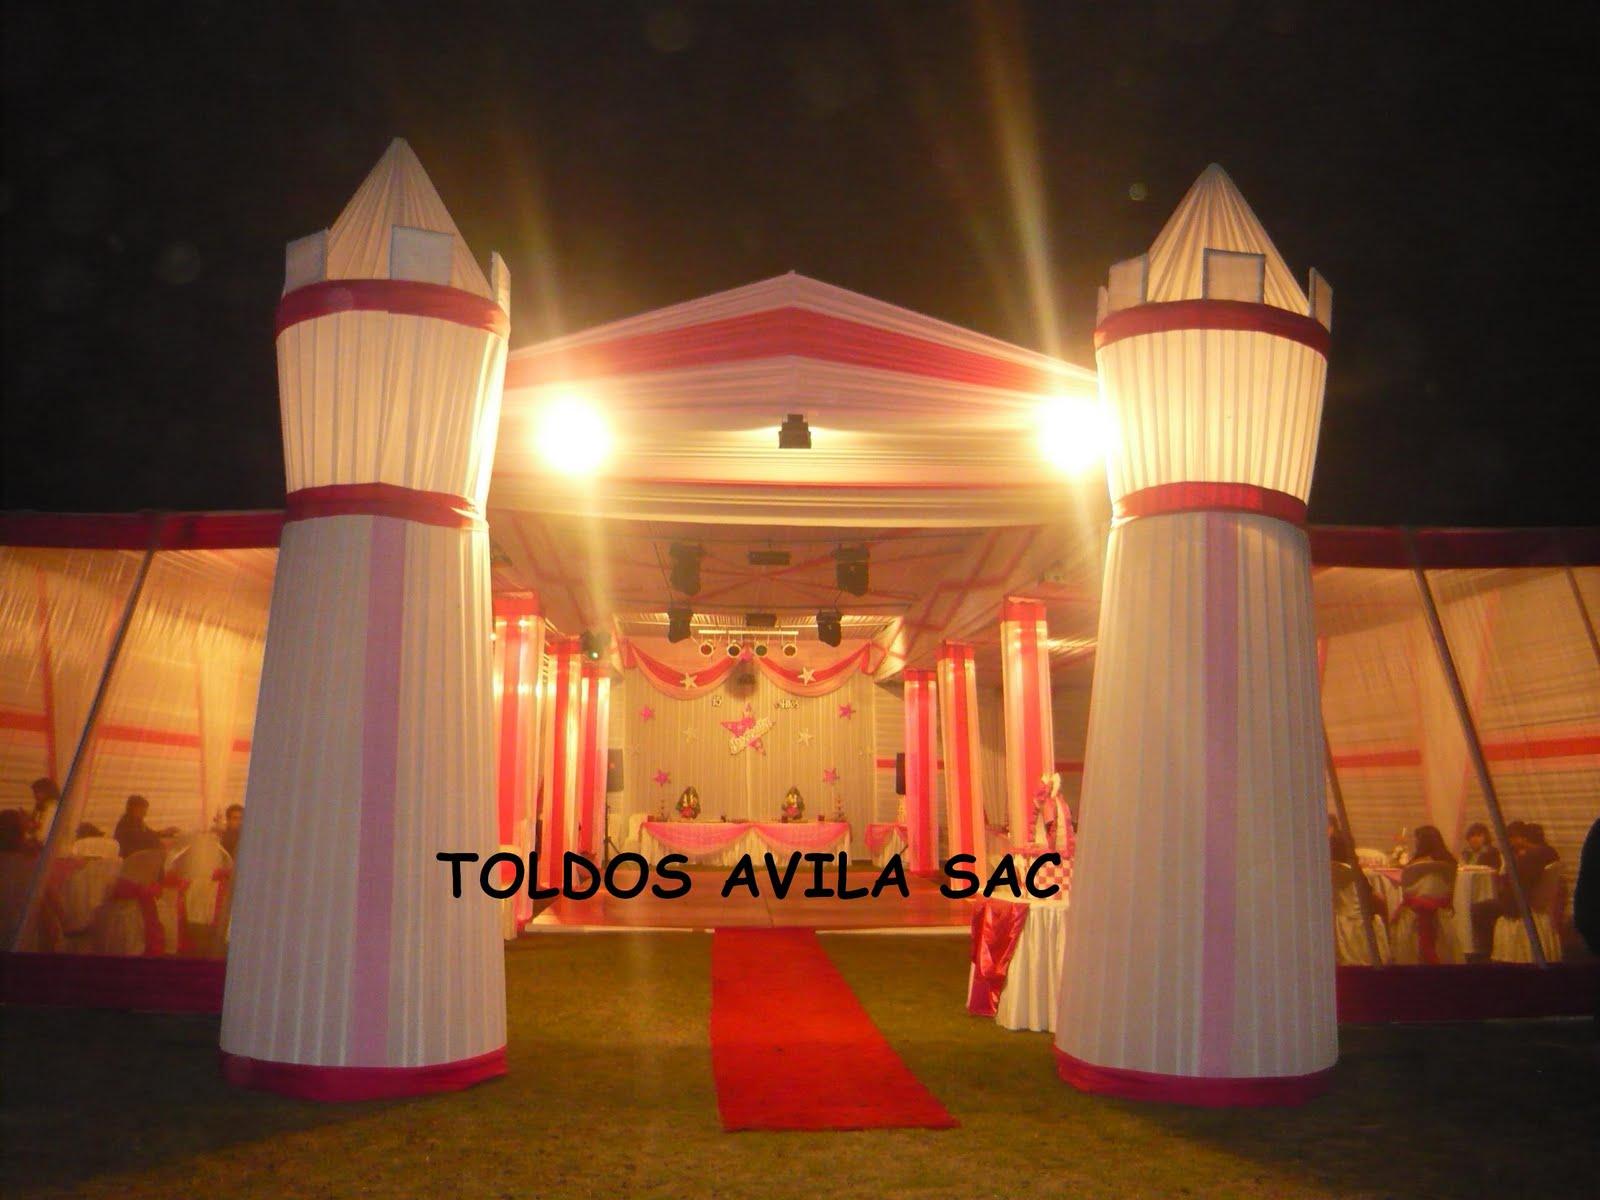 Fotos Toldos Mesas Sillas Plateadas Decoracin Para Eventos Pictures